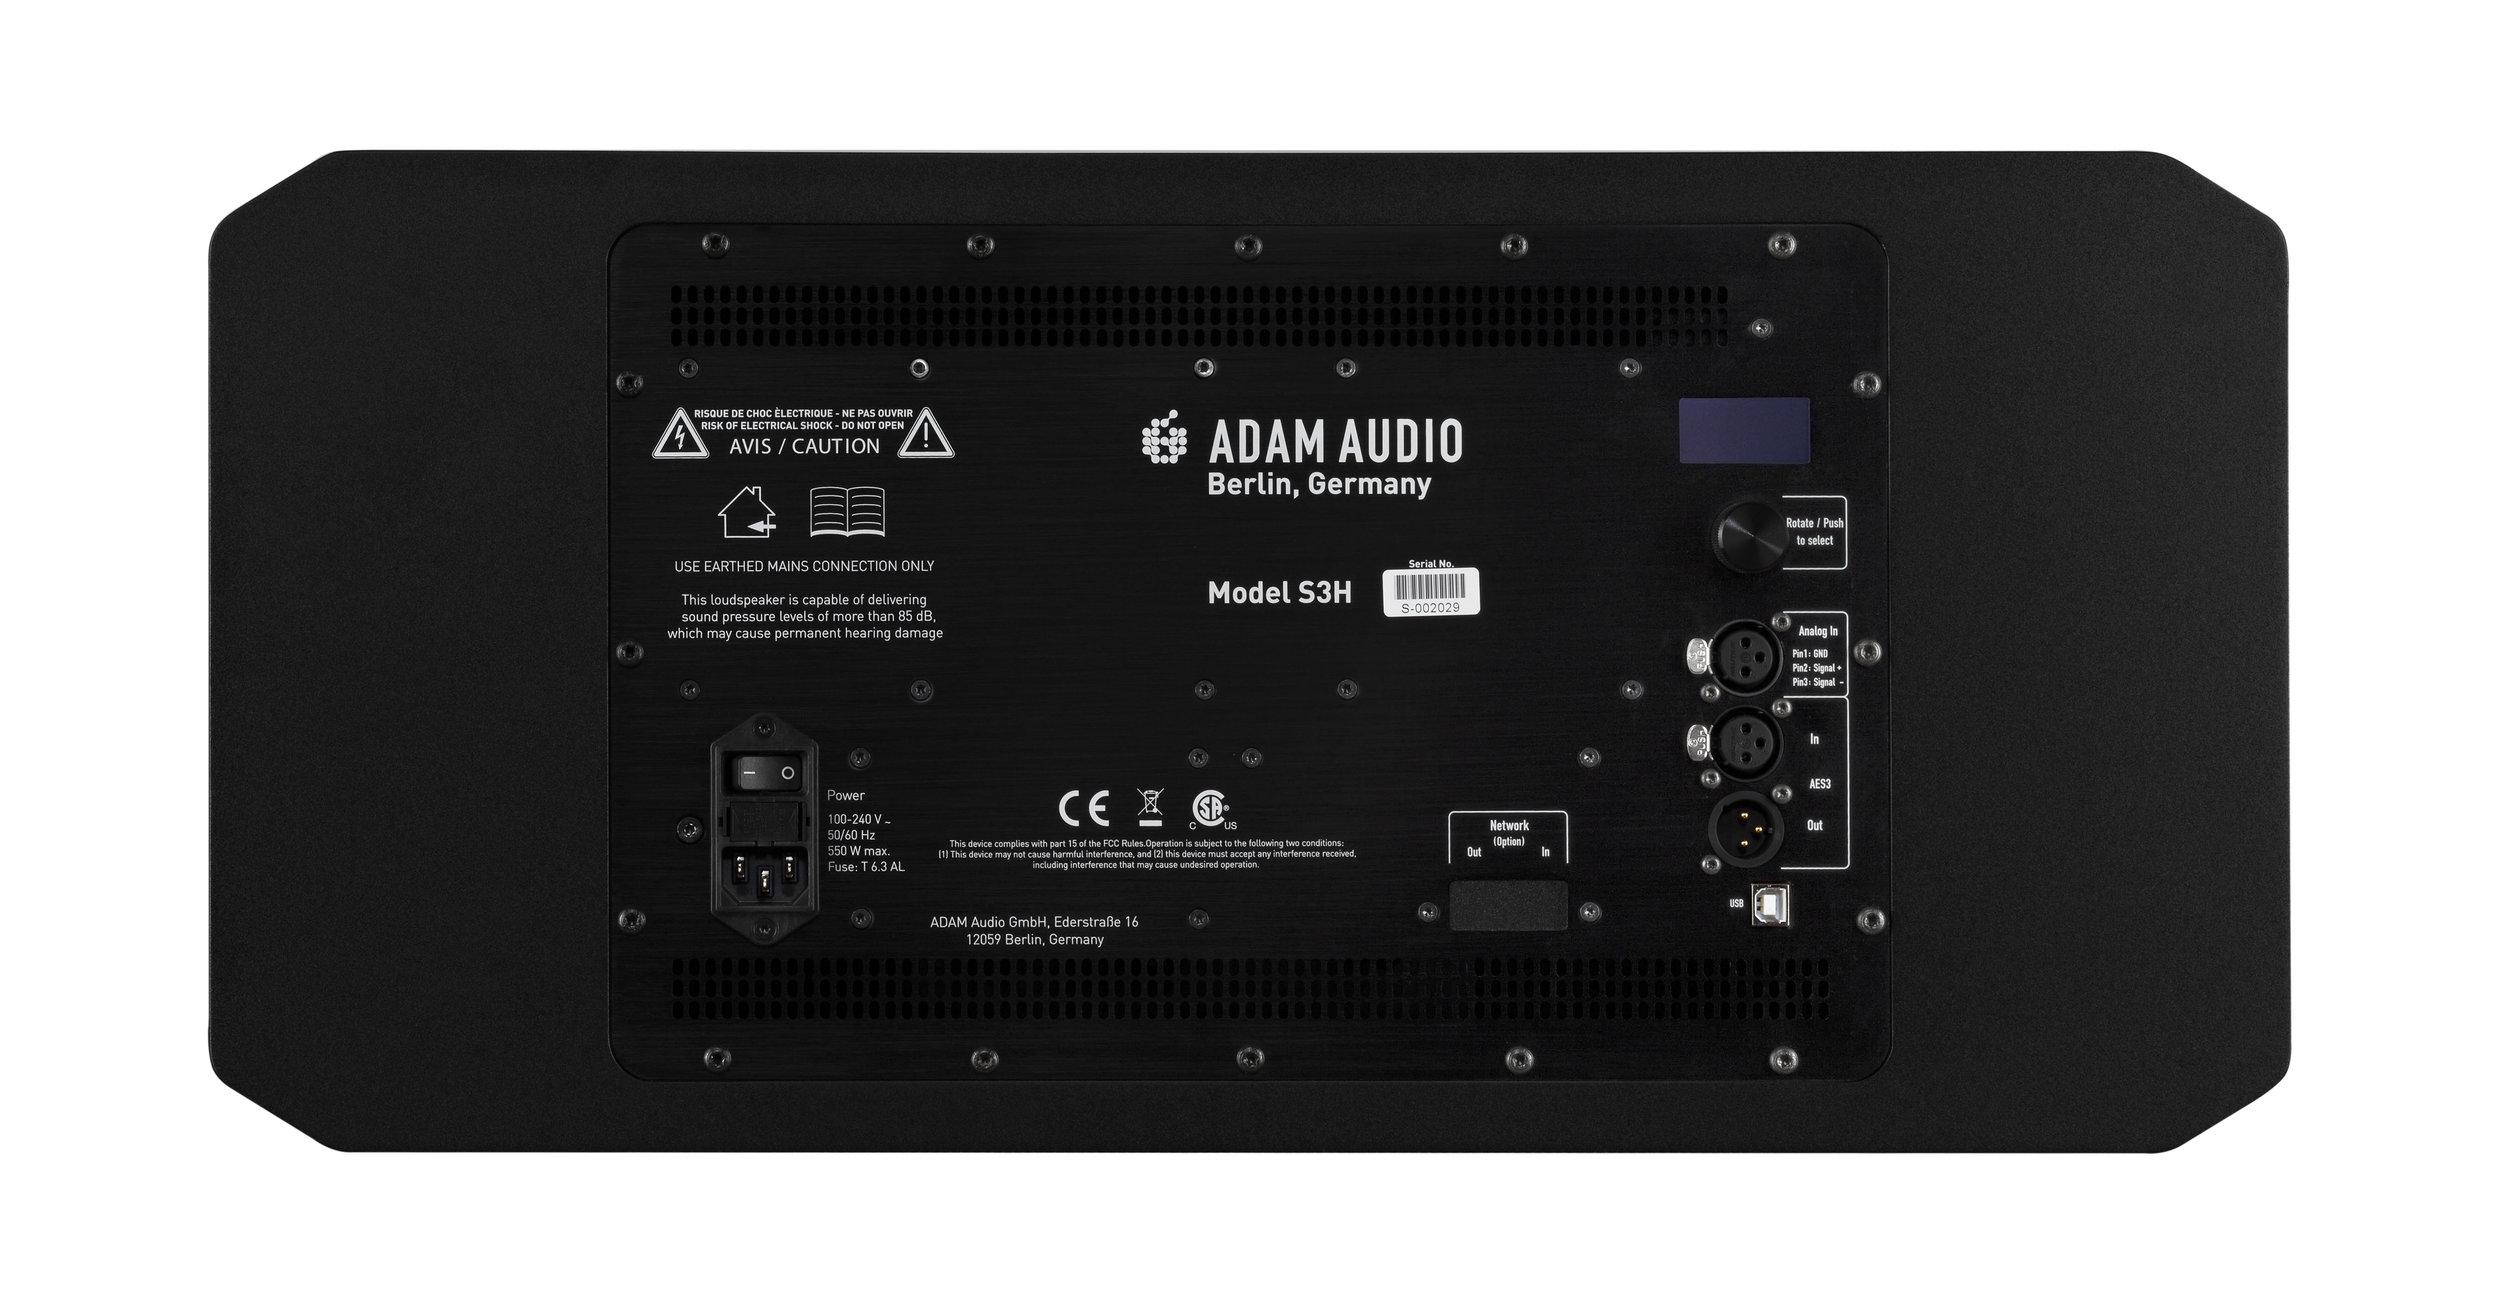 På baksidan av ADAM Audios S3H finns både analoga och digitala anslutningar.